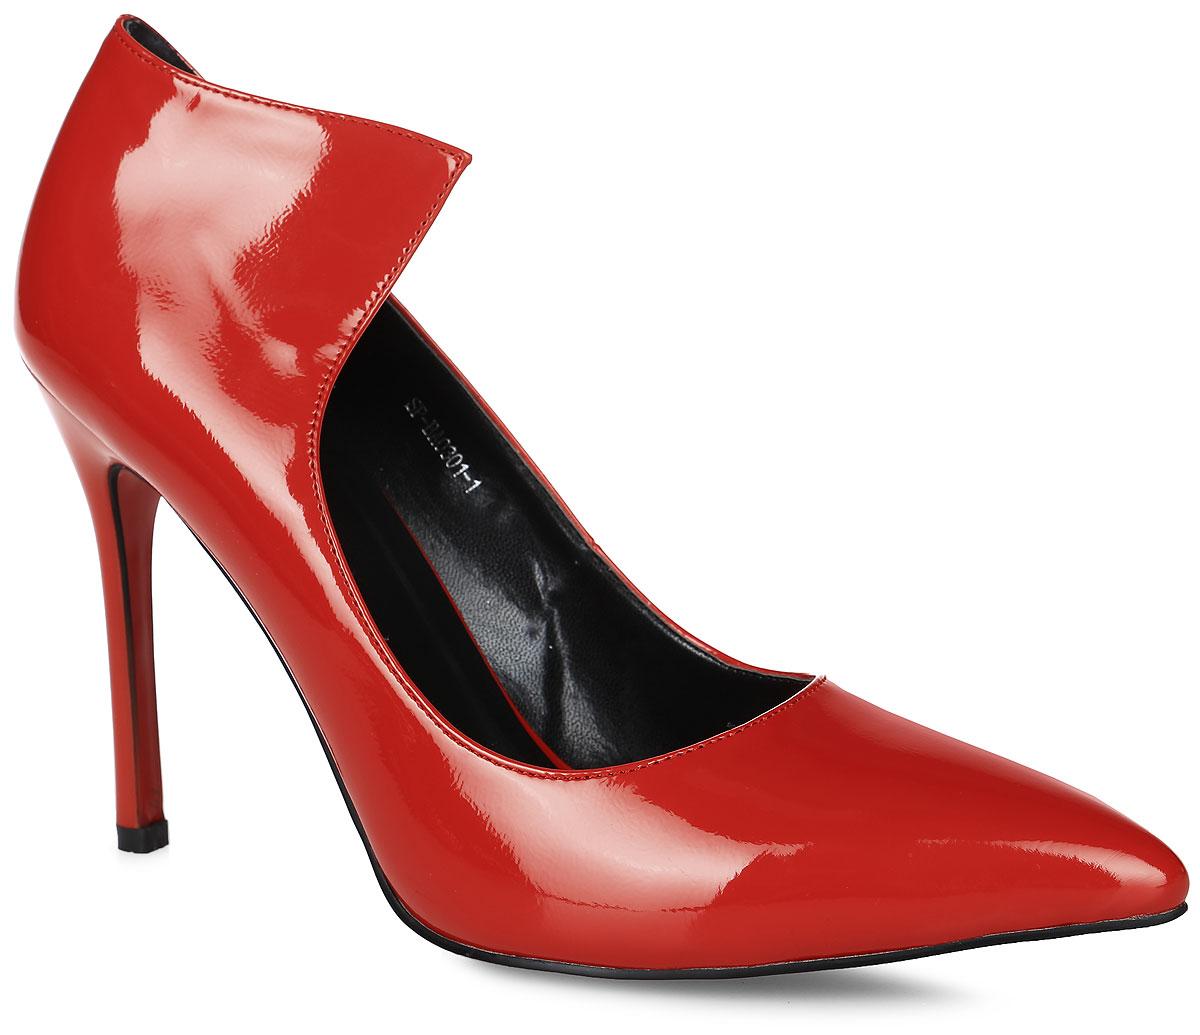 SP-BA0301-2Элегантные туфли выполнены из искусственной лаковой кожи. Стелька выполнена из натуральной кожи, которая обеспечит комфорт при движении и предотвратит натирание. Модель оснащена высоким тонким каблуком. Подошва выполнена из термопластичного материала.